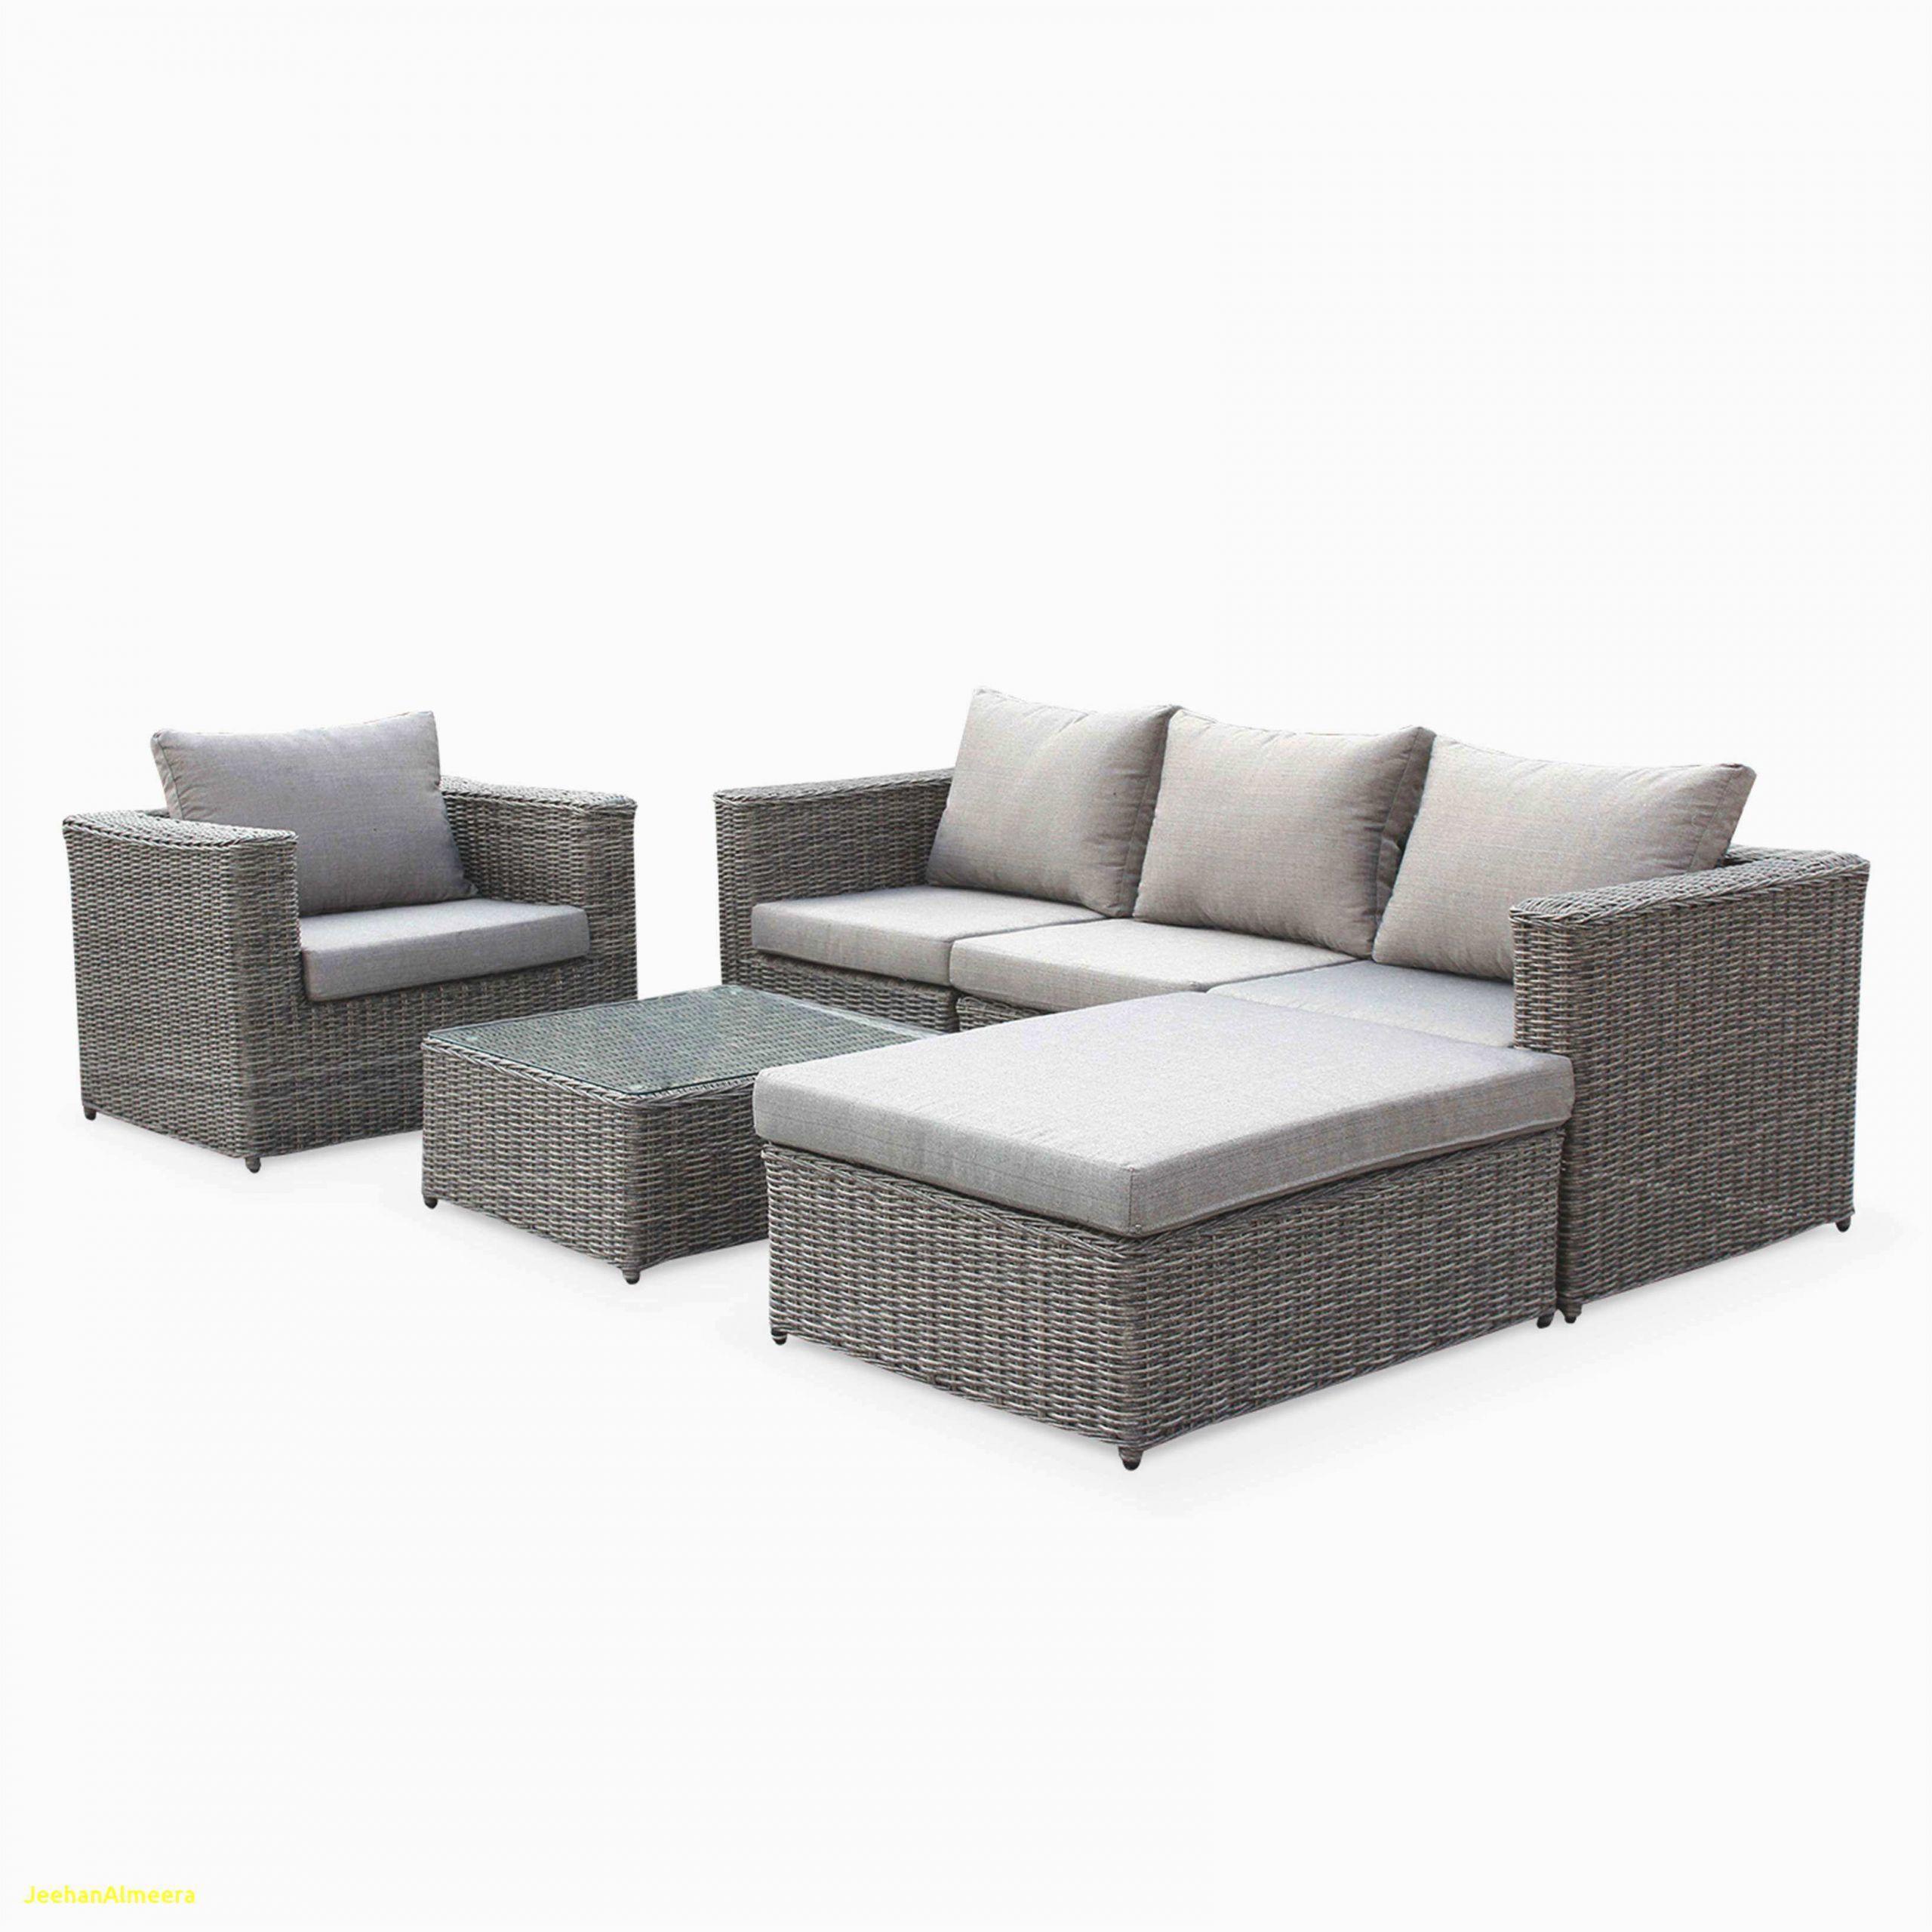 salon de jardin en metal le meilleur de meuble jardin design meuble salon design haut de gamme mobilier de of salon de jardin en metal